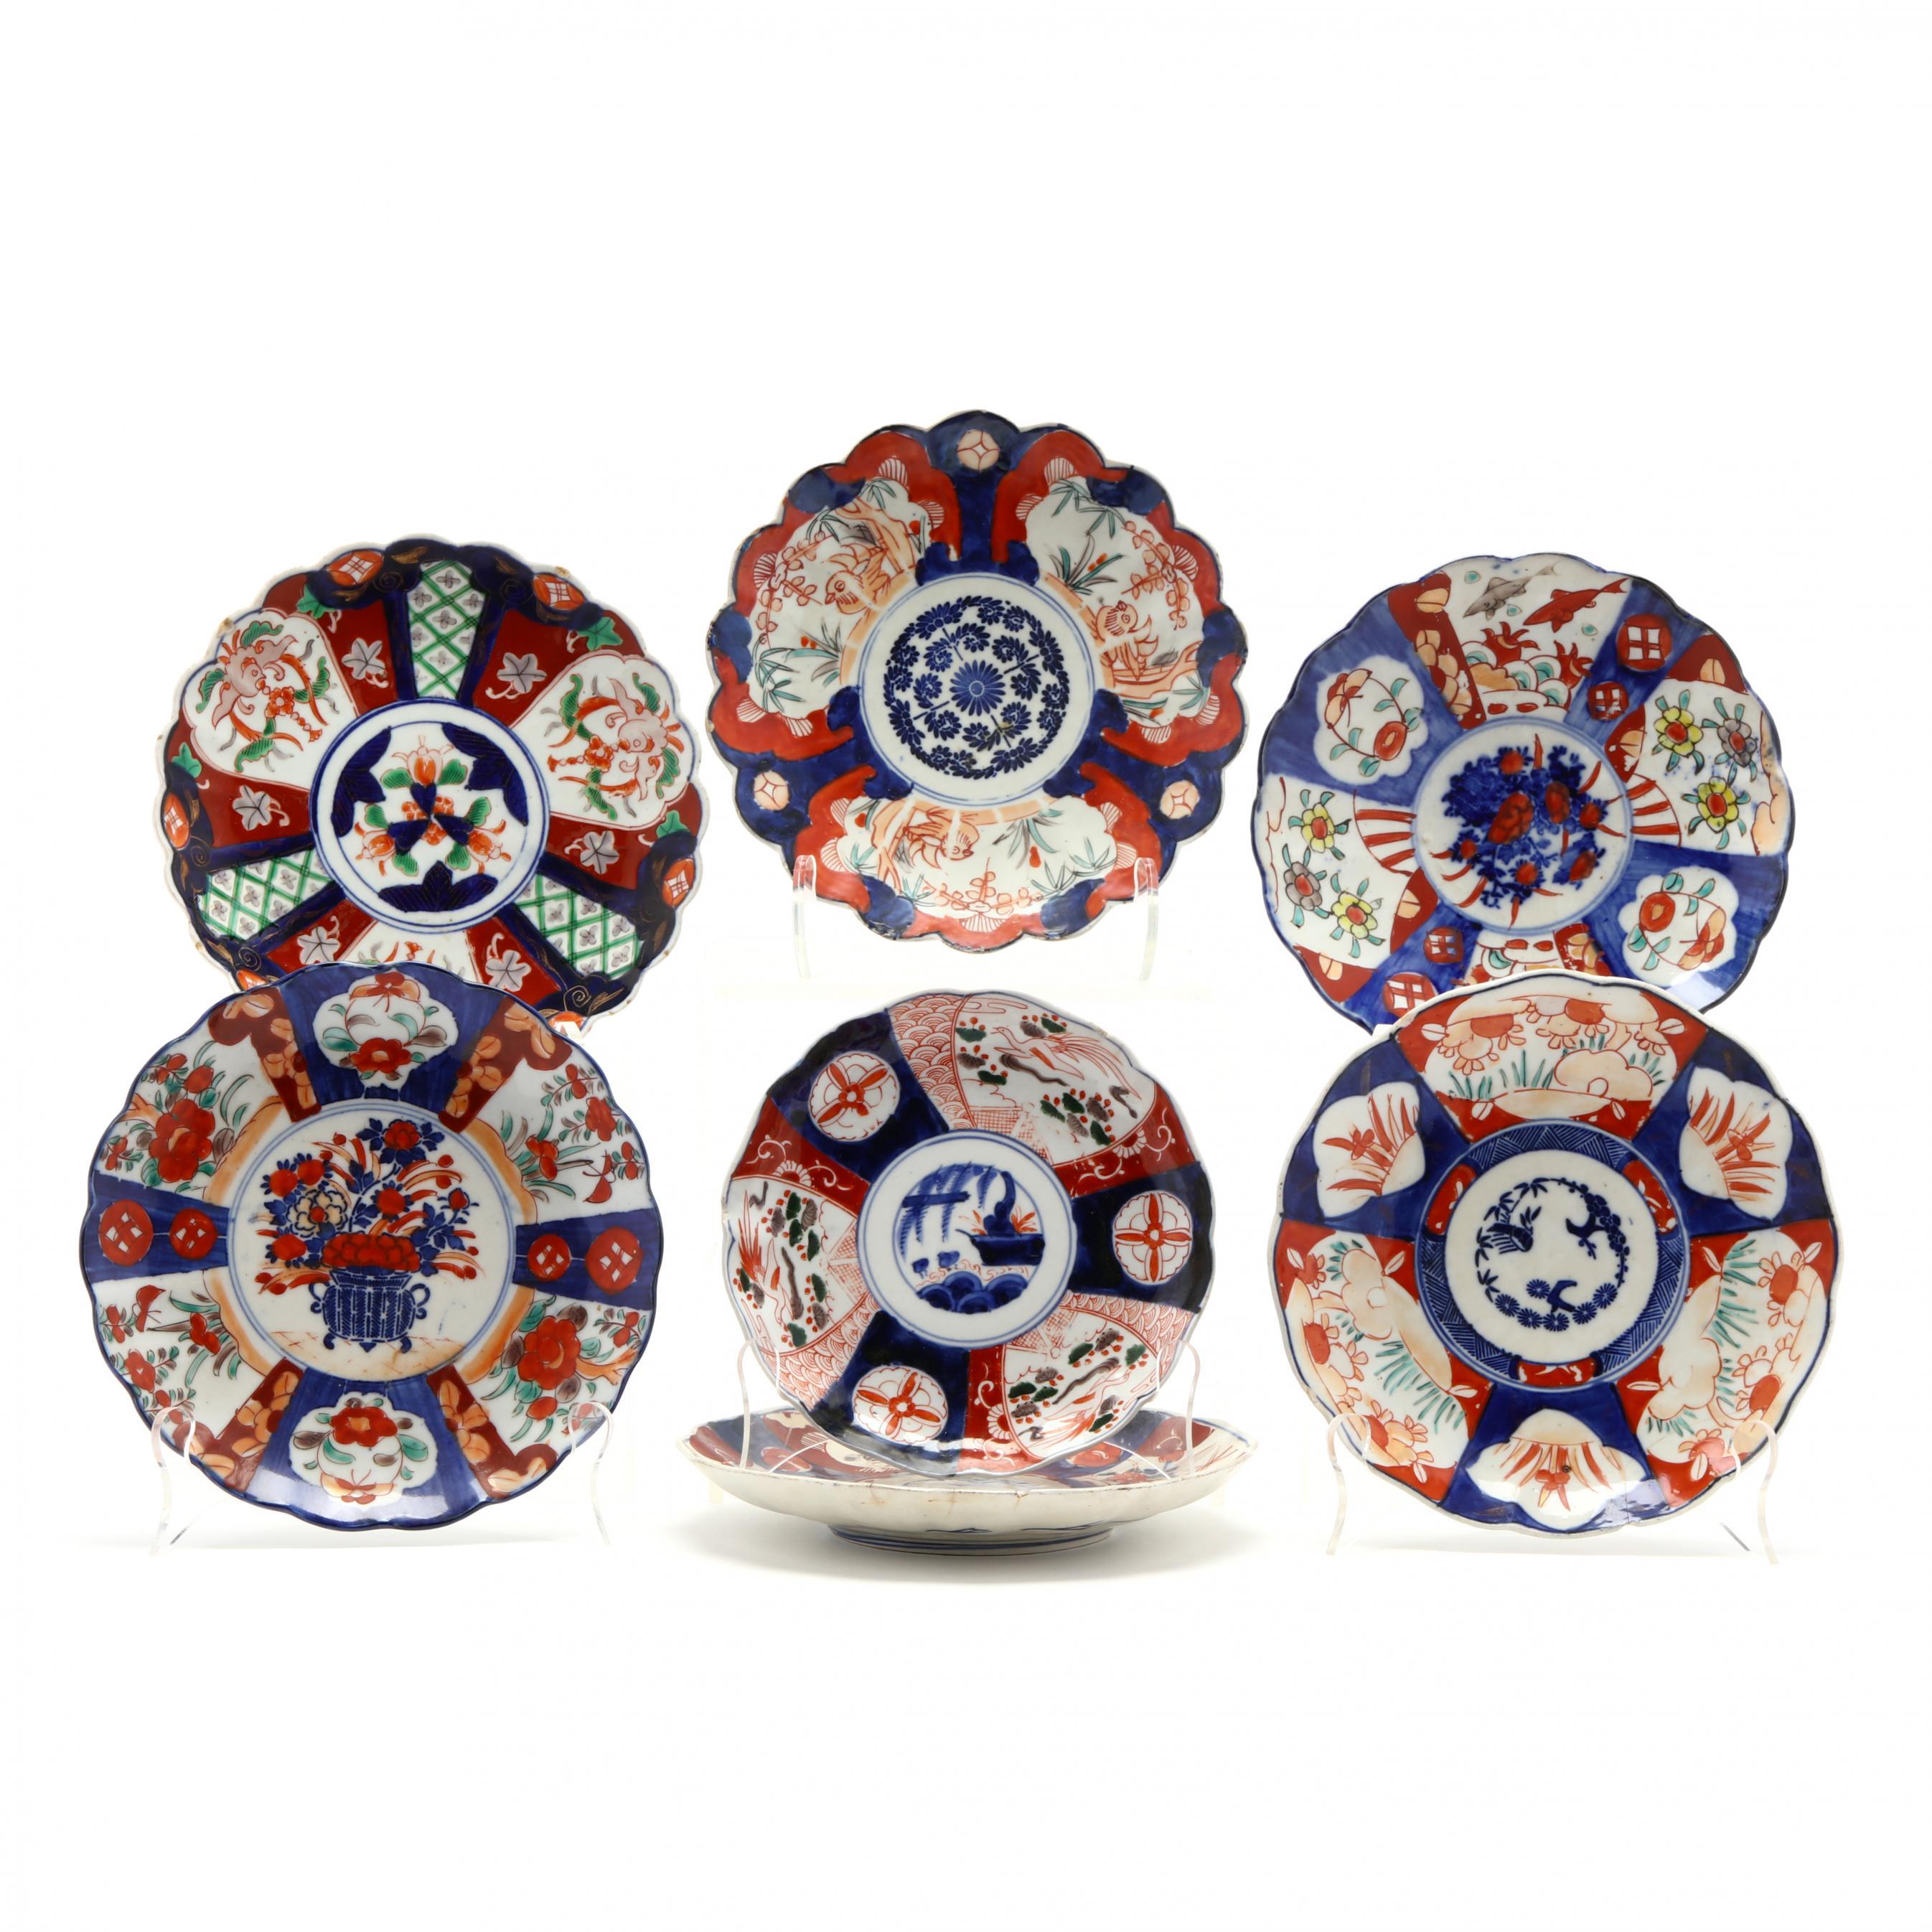 seven-antique-japanese-imari-porcelain-plates